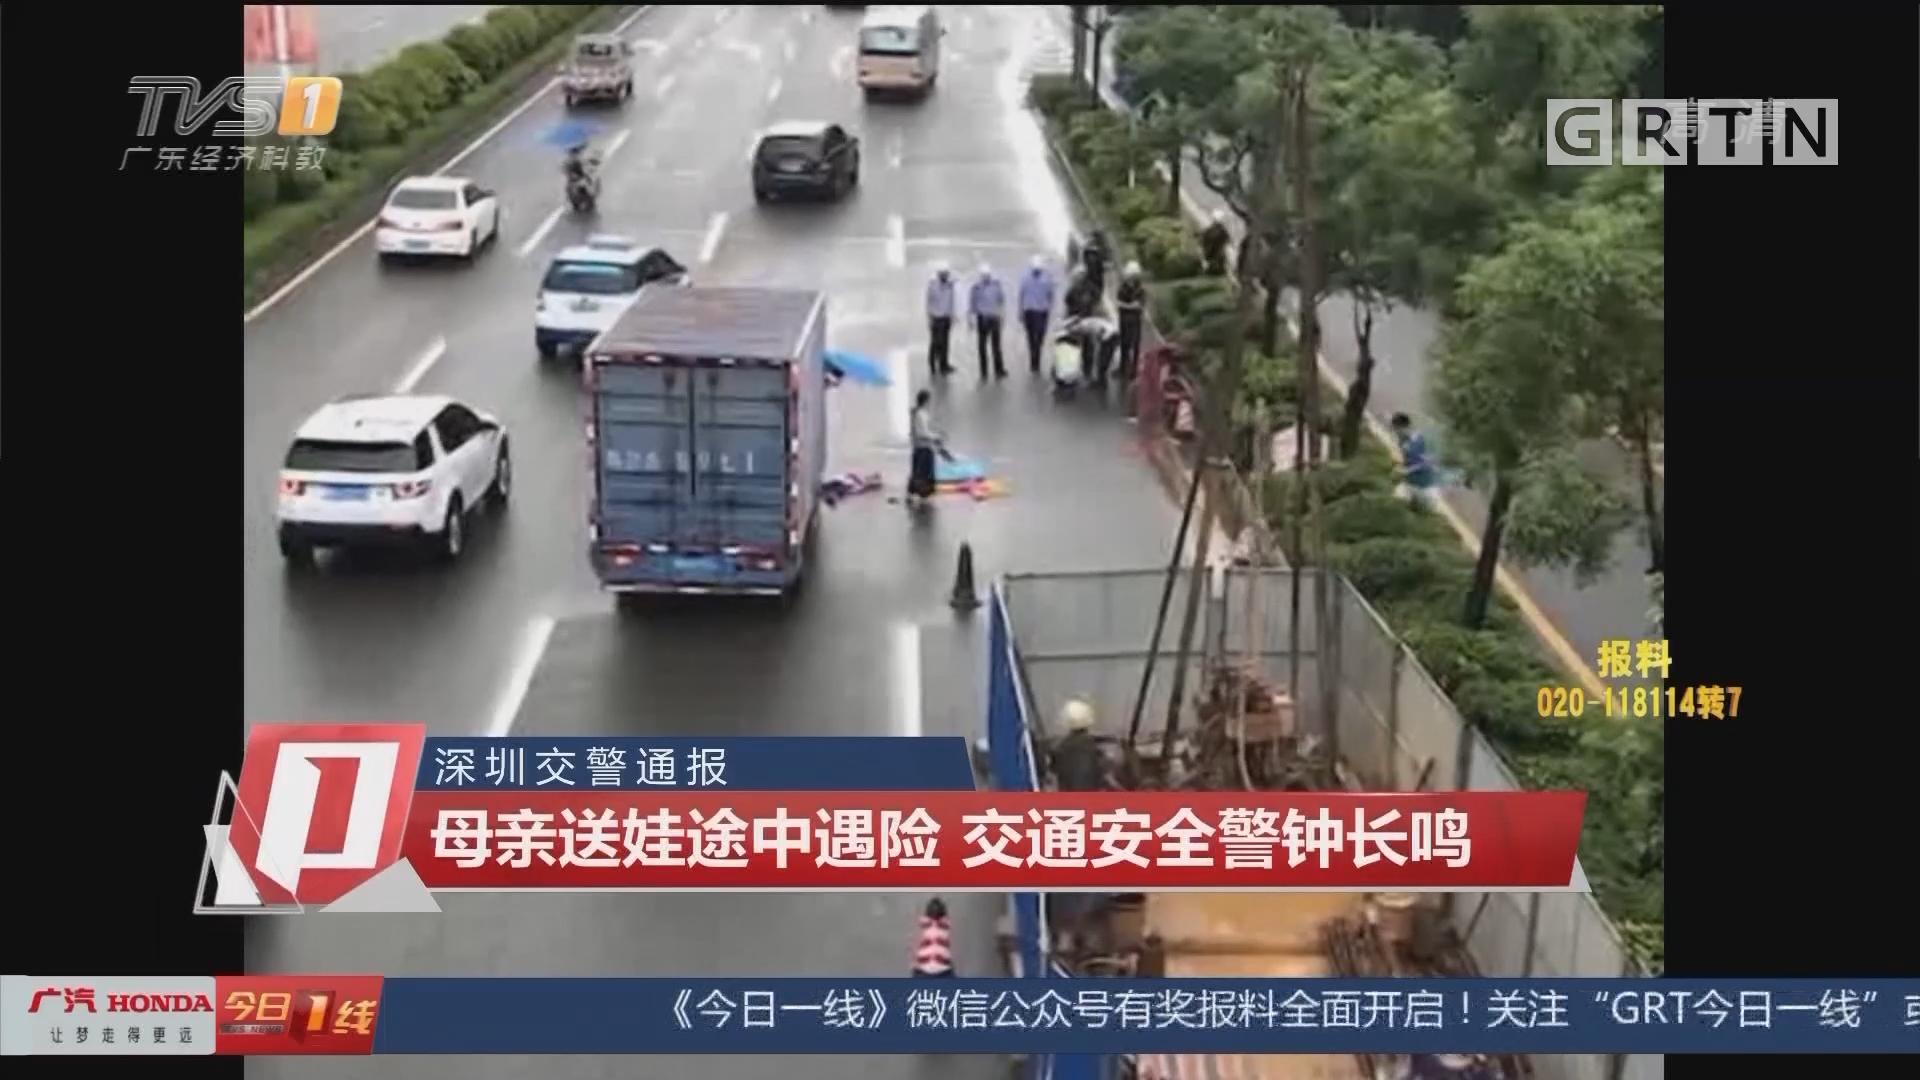 深圳交警通报:母亲送娃途中遇险 交通安全警钟长鸣